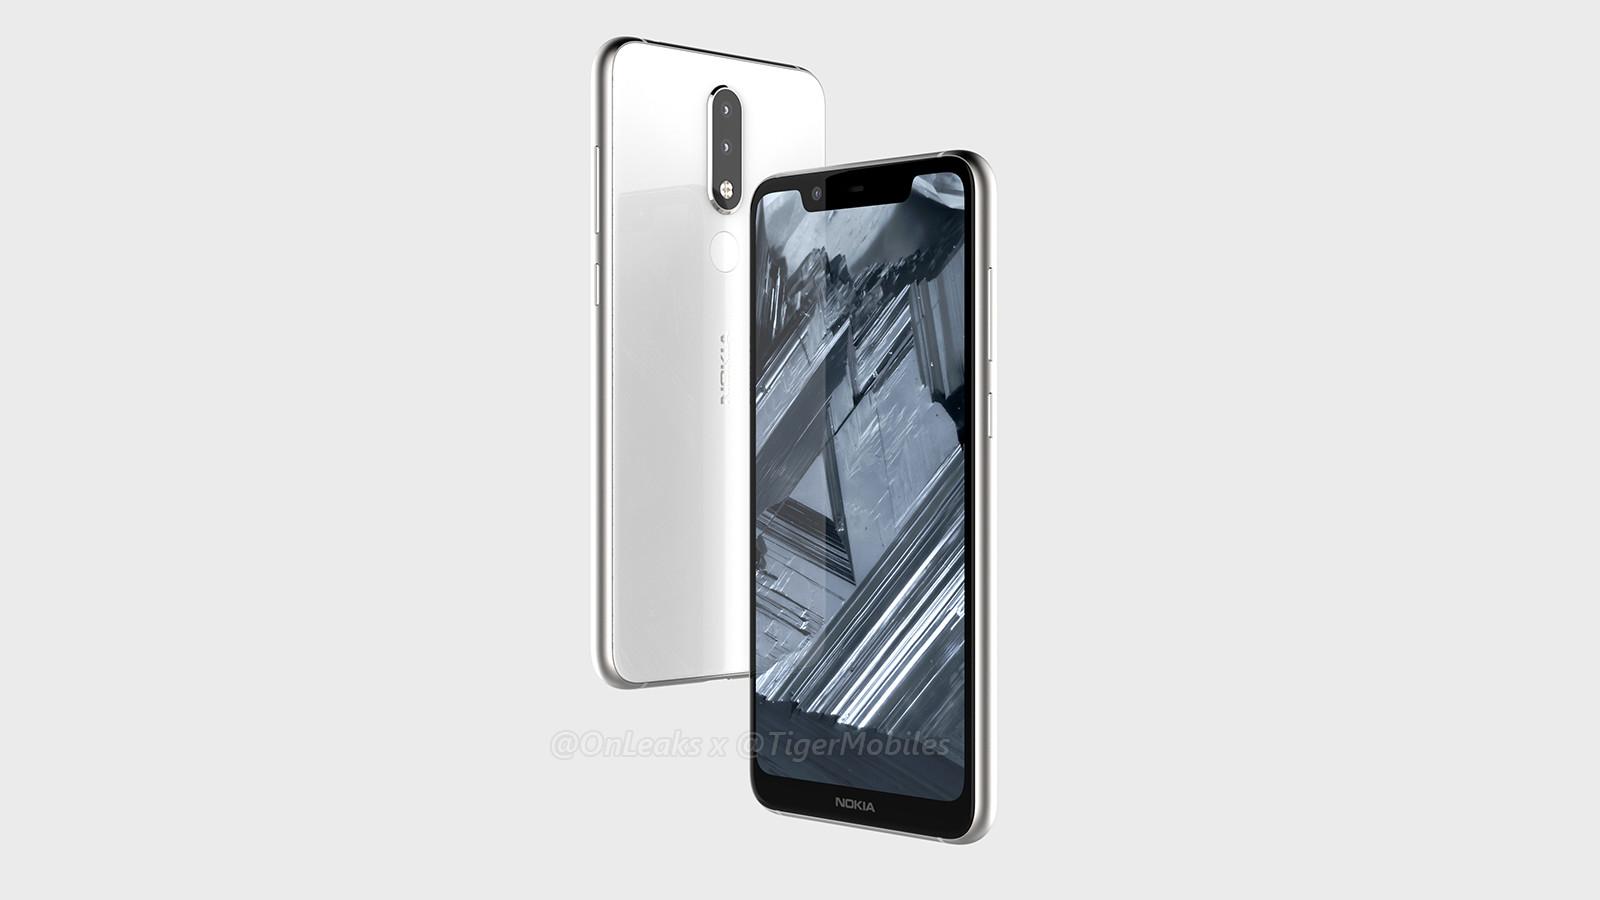 Depuis qu il a embrassé le monde merveilleux d Android, Nokia redevient  petit à petit un acteur important de la téléphonie mobile. On ne peut  clairement pas ... 5e820930678